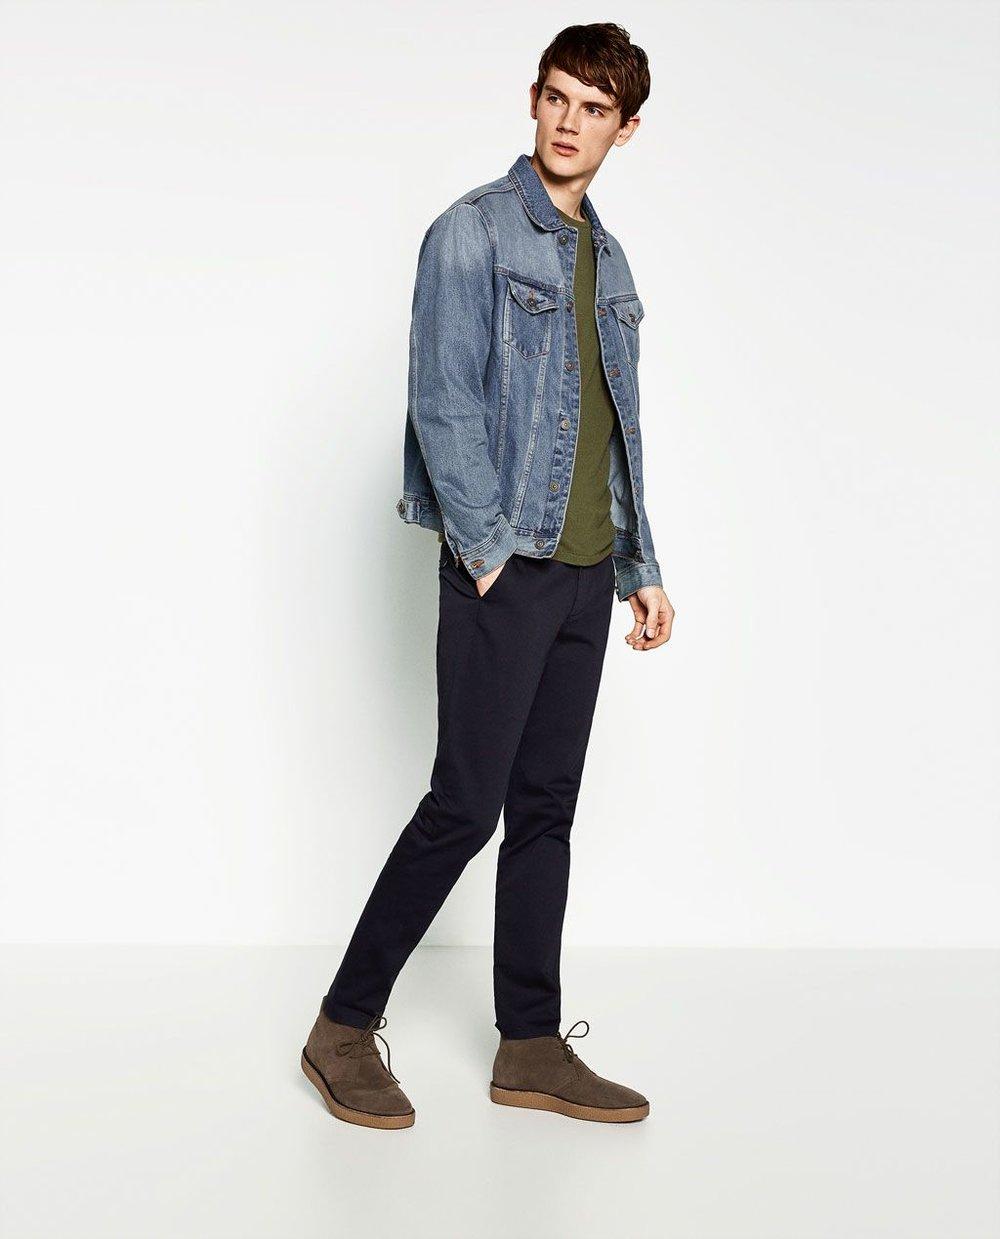 O jeans clássico é fácil de combinar. Seja com peças lisas ou estampadas. Preto, marrom, cinza e branco são ótimas opções.